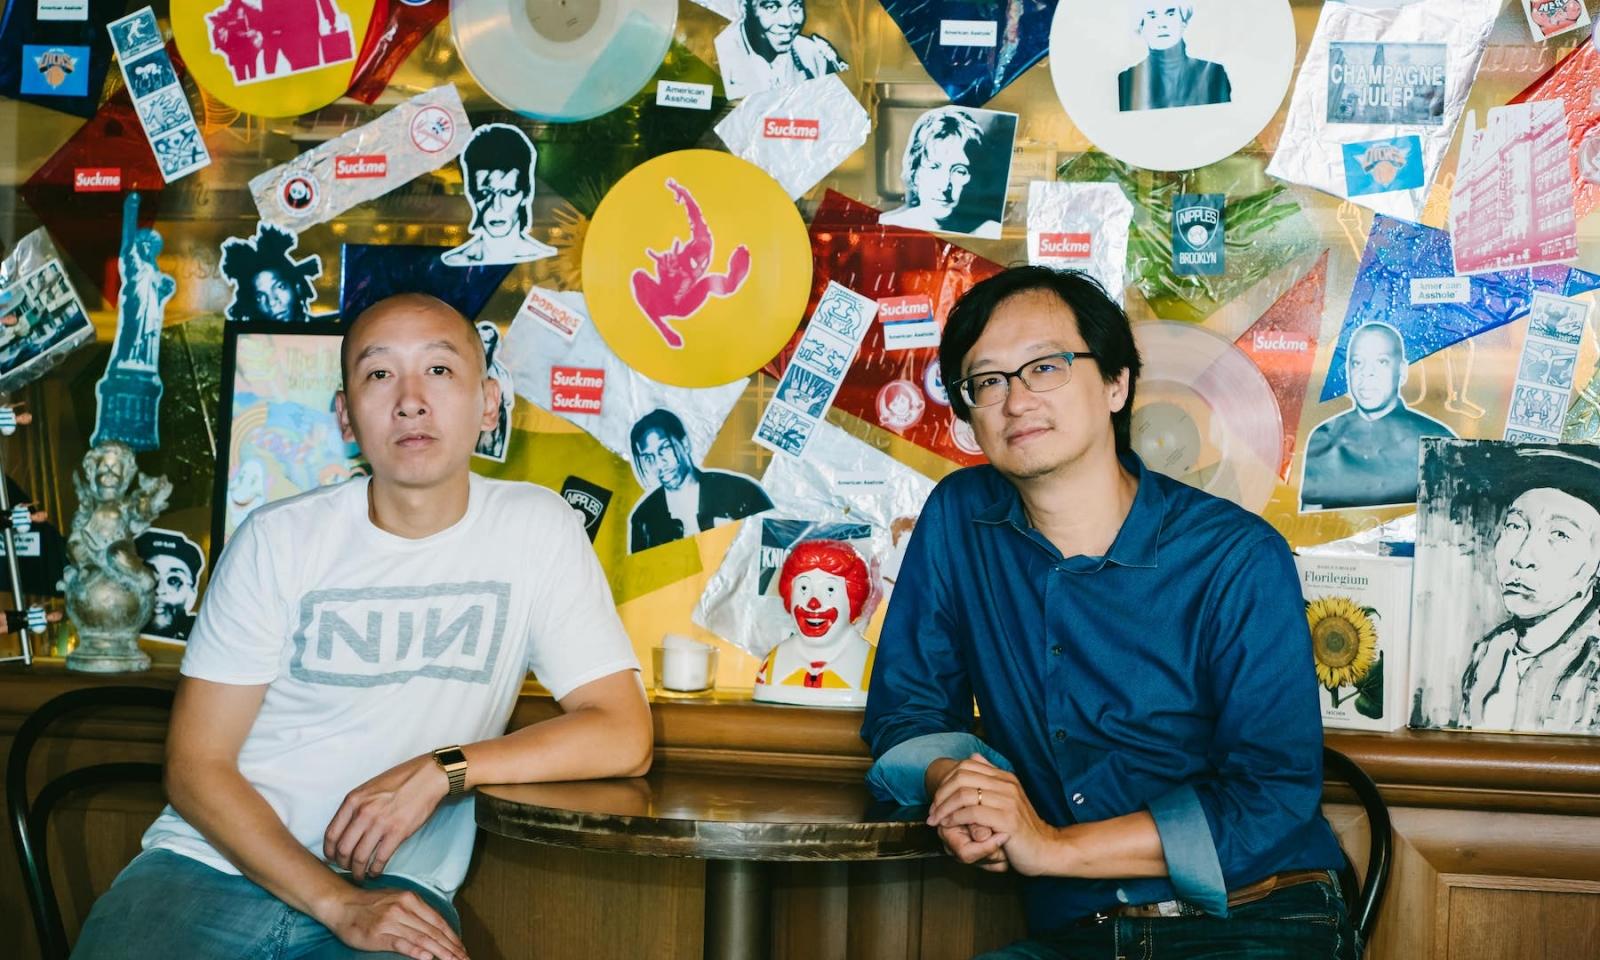 我怕變成我們以前說的那種中年人 ──張鐵志 ╳ 陳陸寬,少年後的搖滾精神